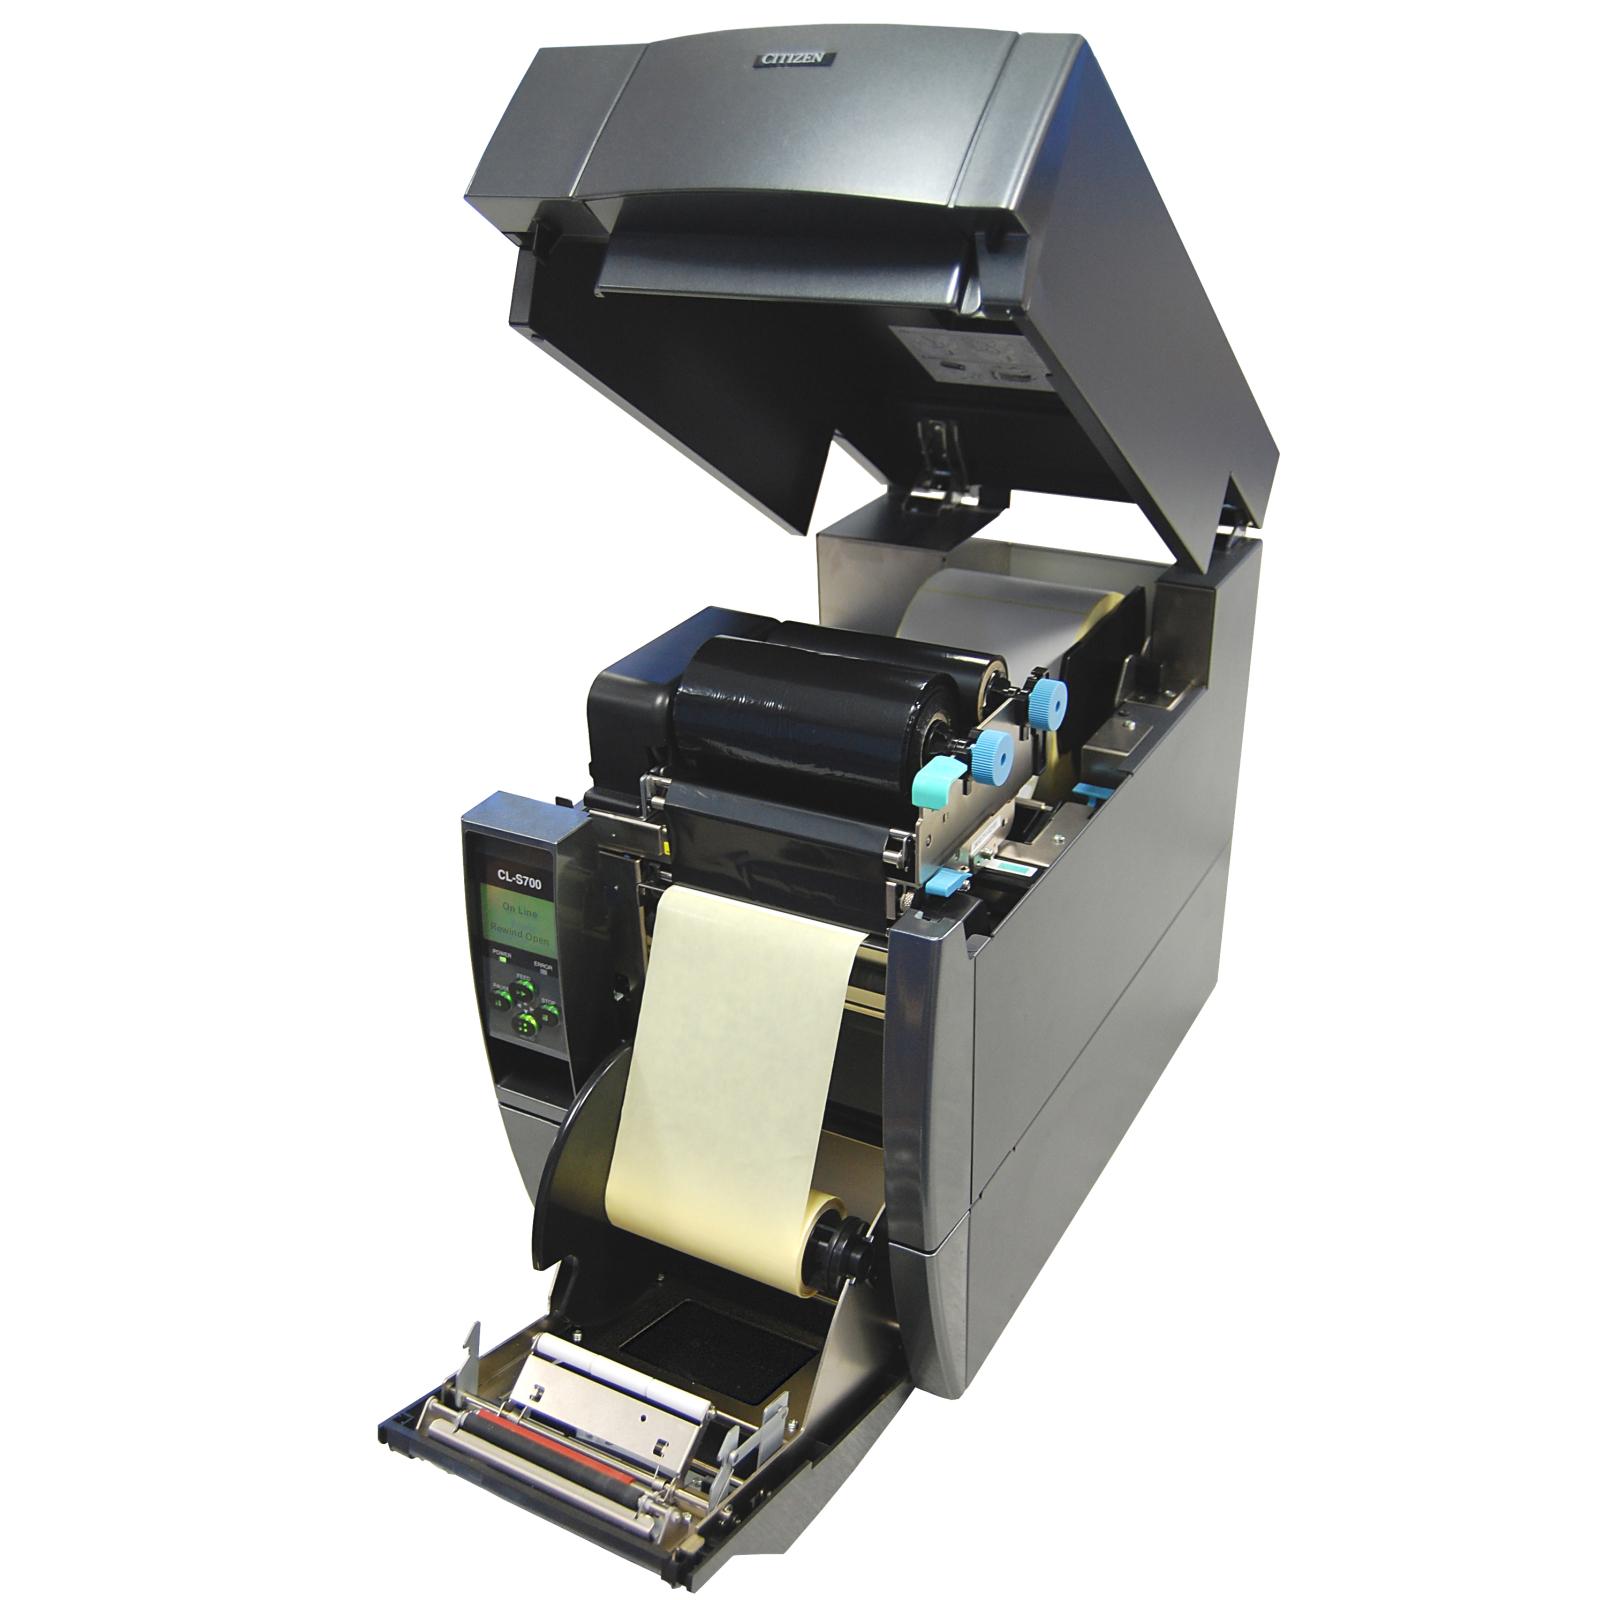 Принтер этикеток Citizen CL-S700R (1000794) изображение 2